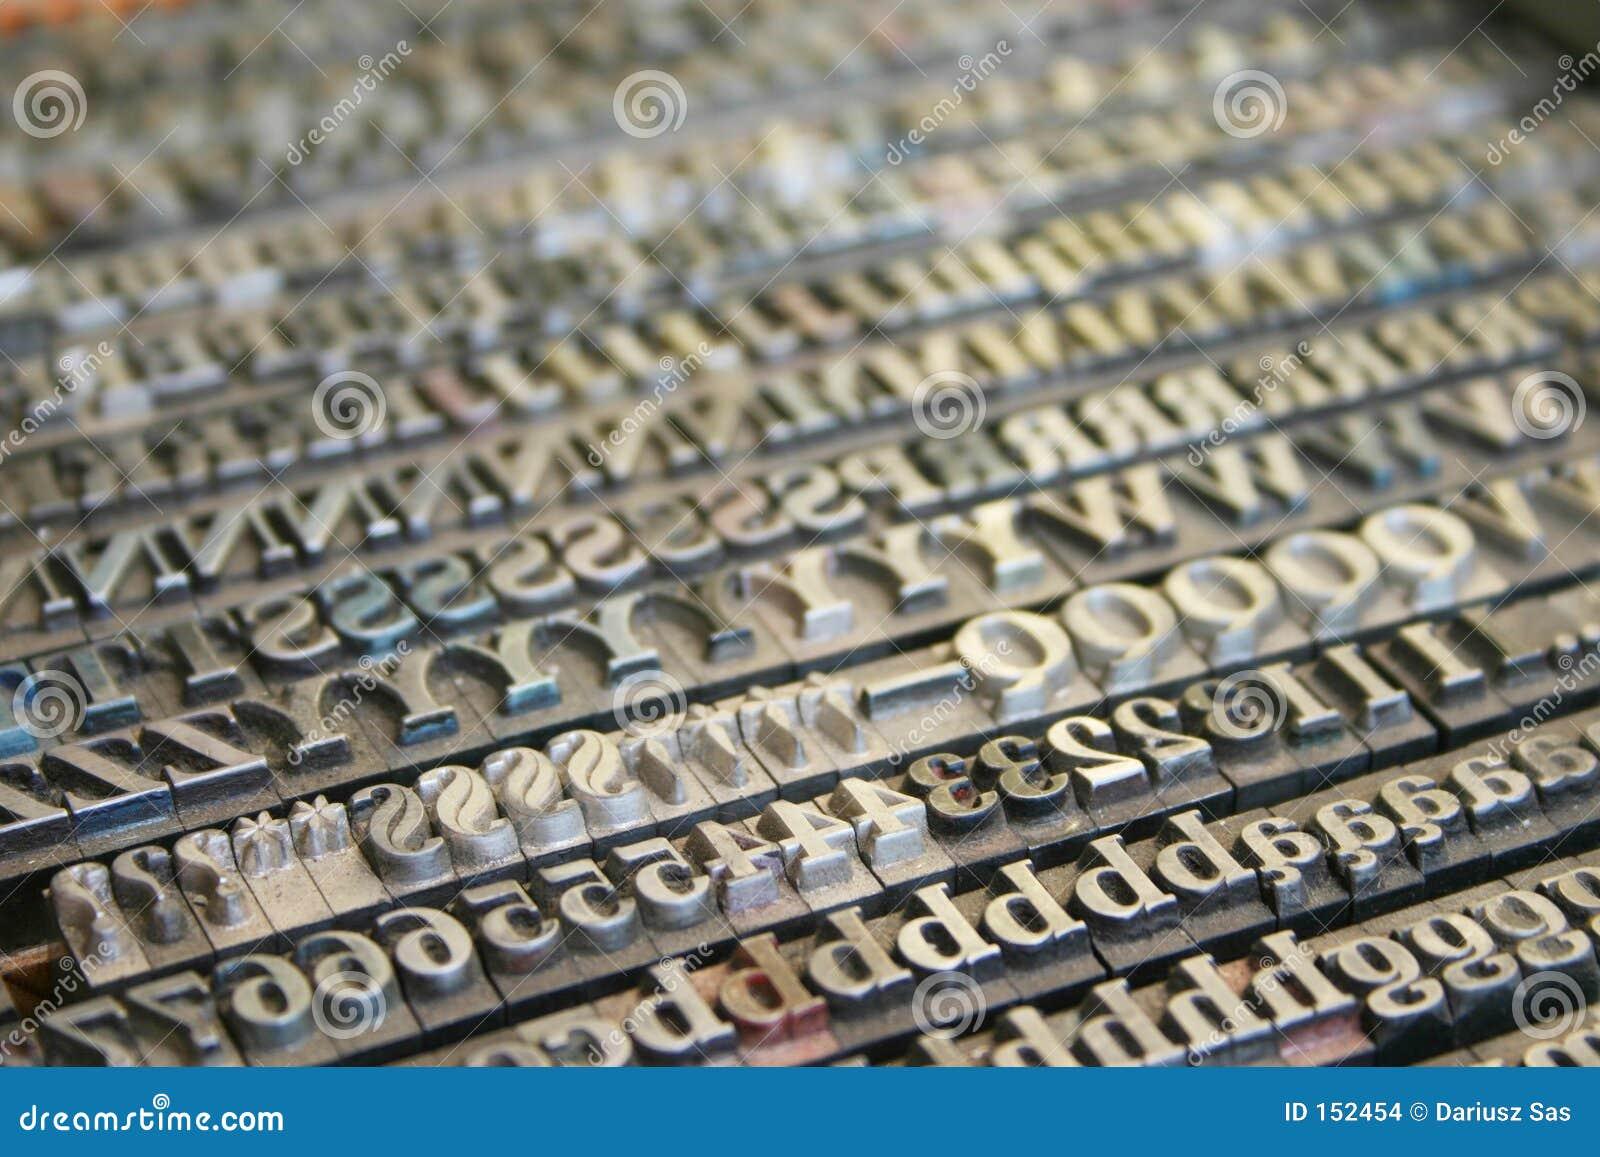 Schrifttypen